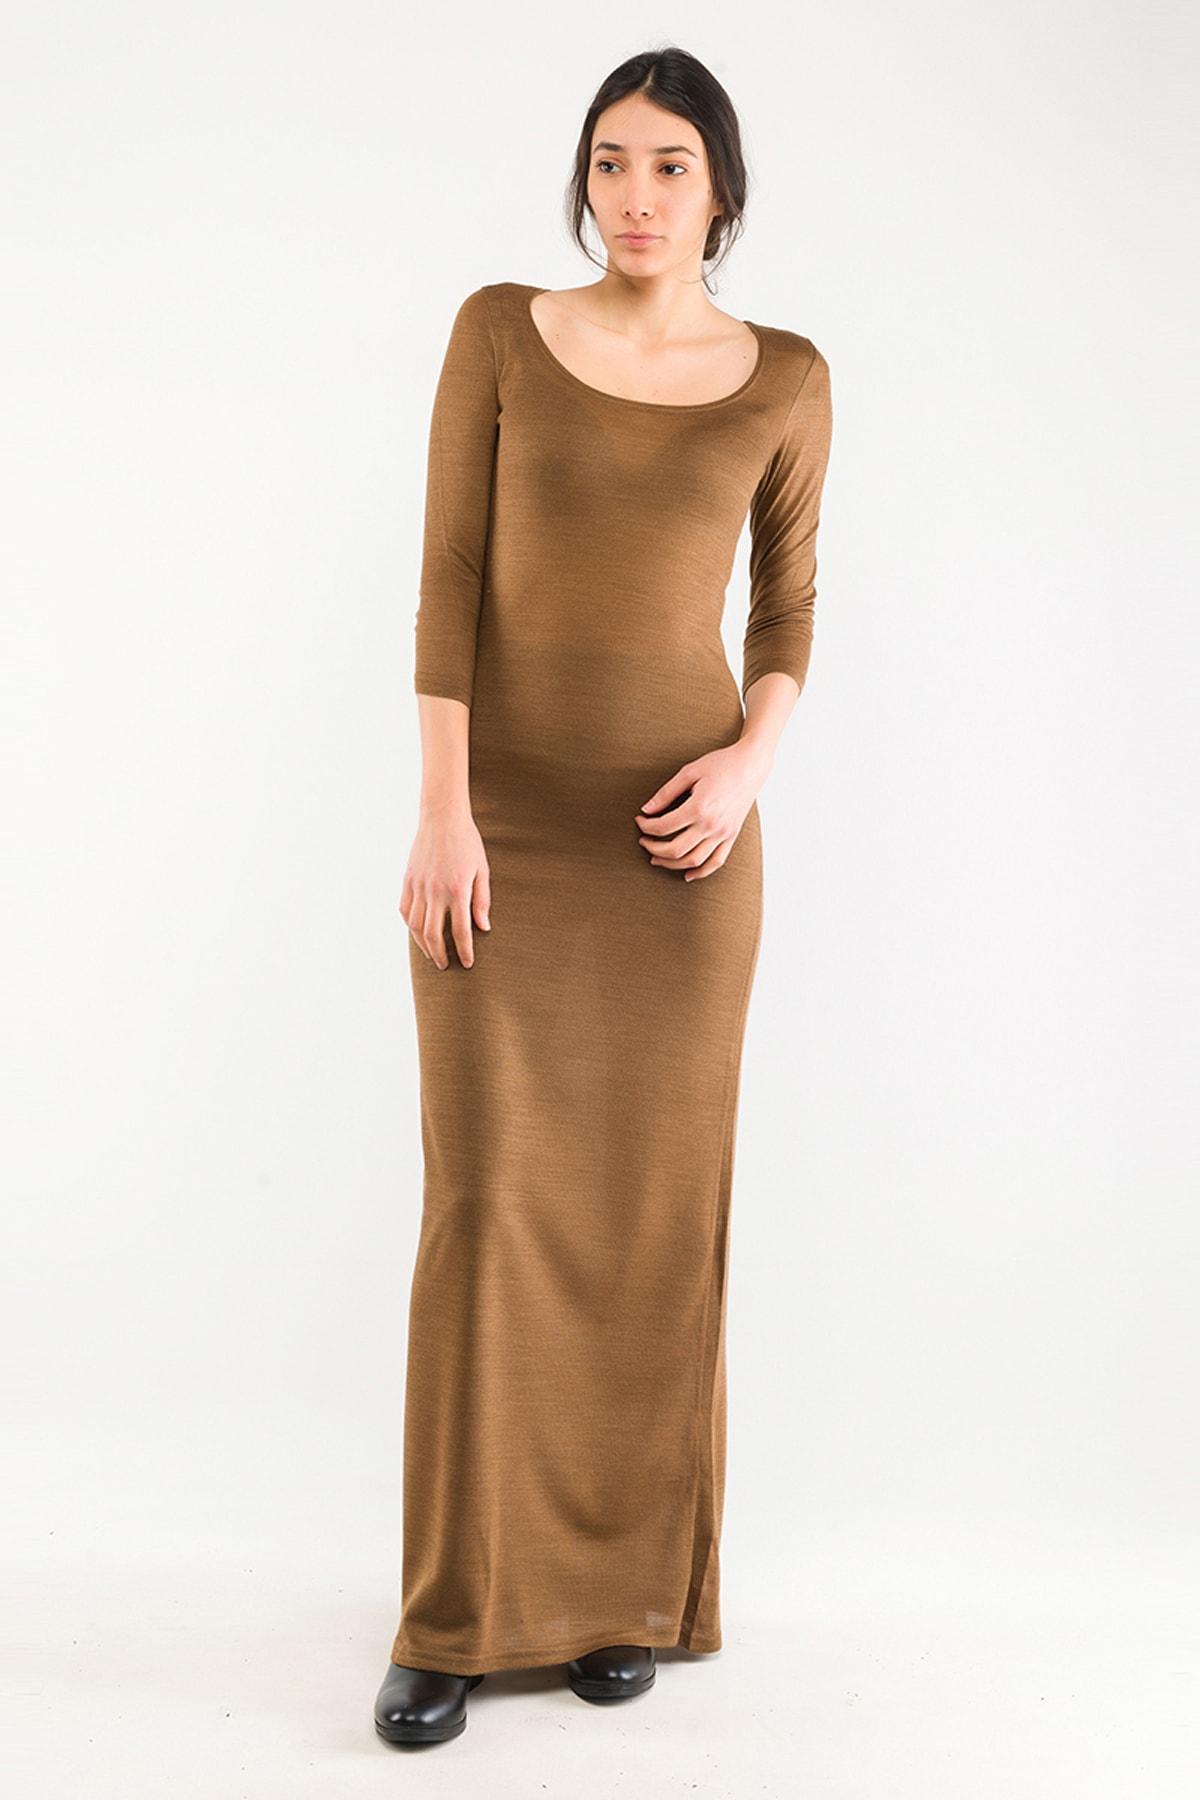 Vero Moda Kadın Tunik Camel Vr012 1